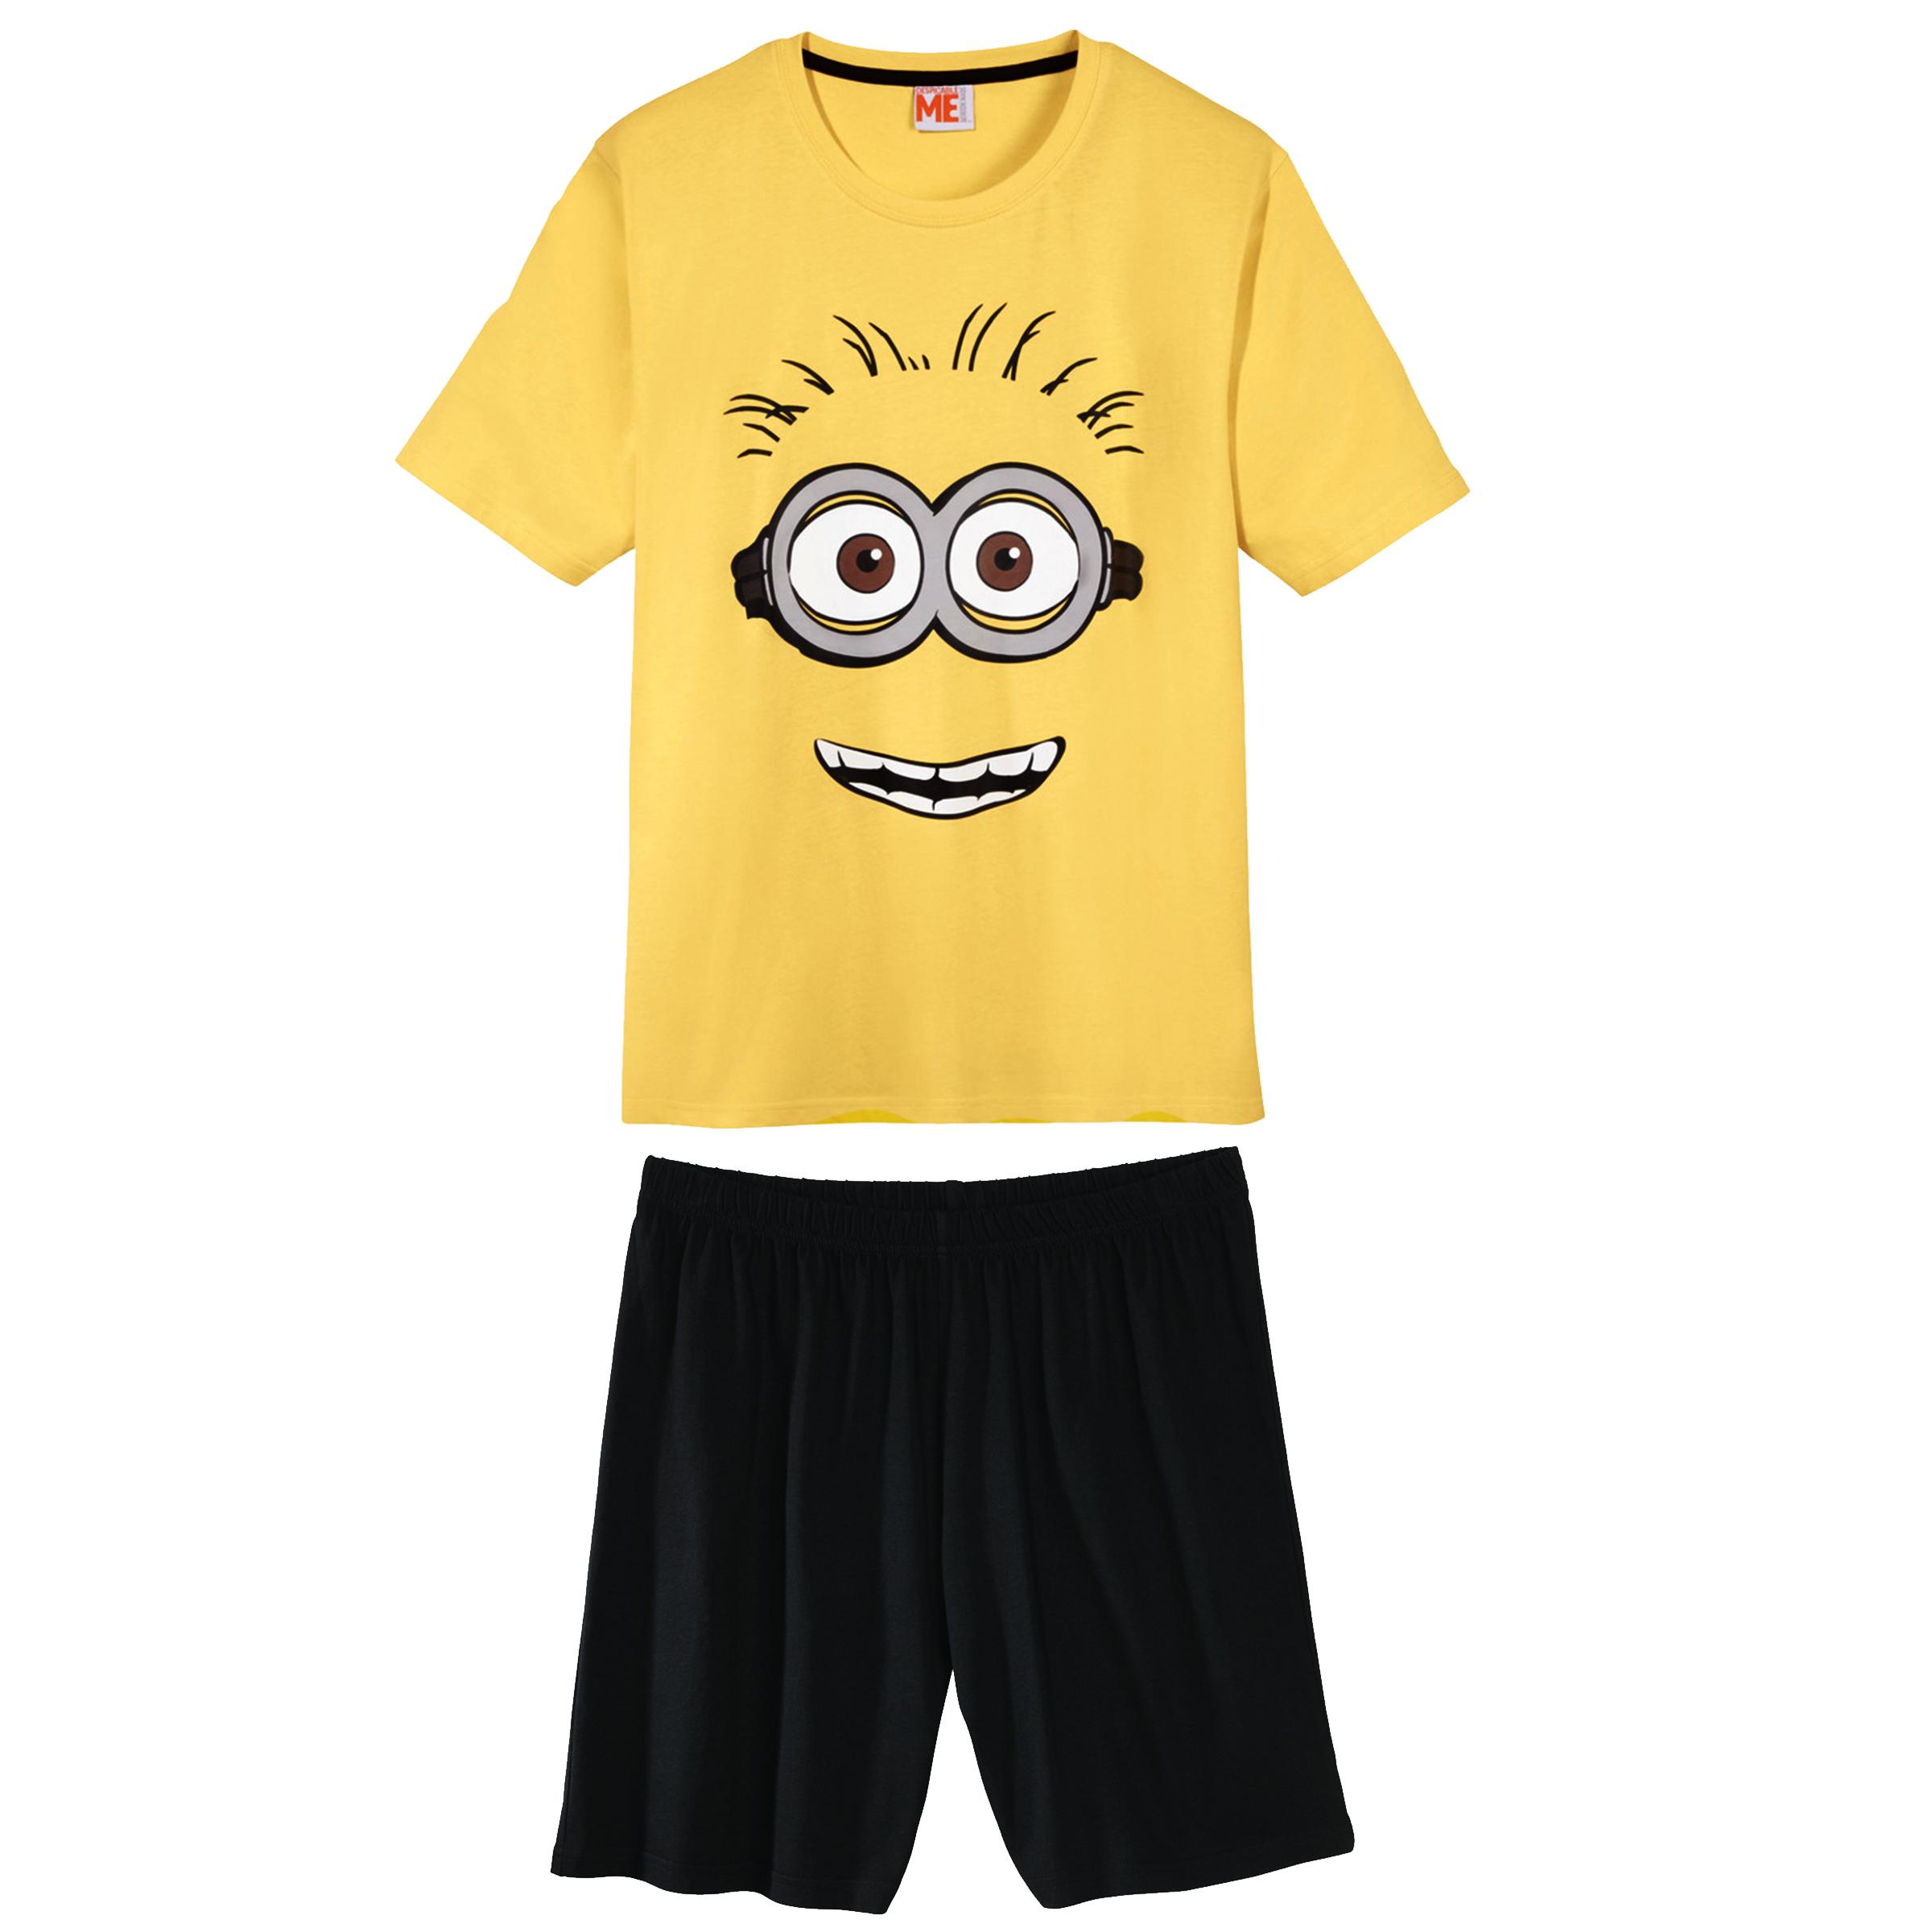 ست تی شرت و شلوارک مردانه مدل Minion